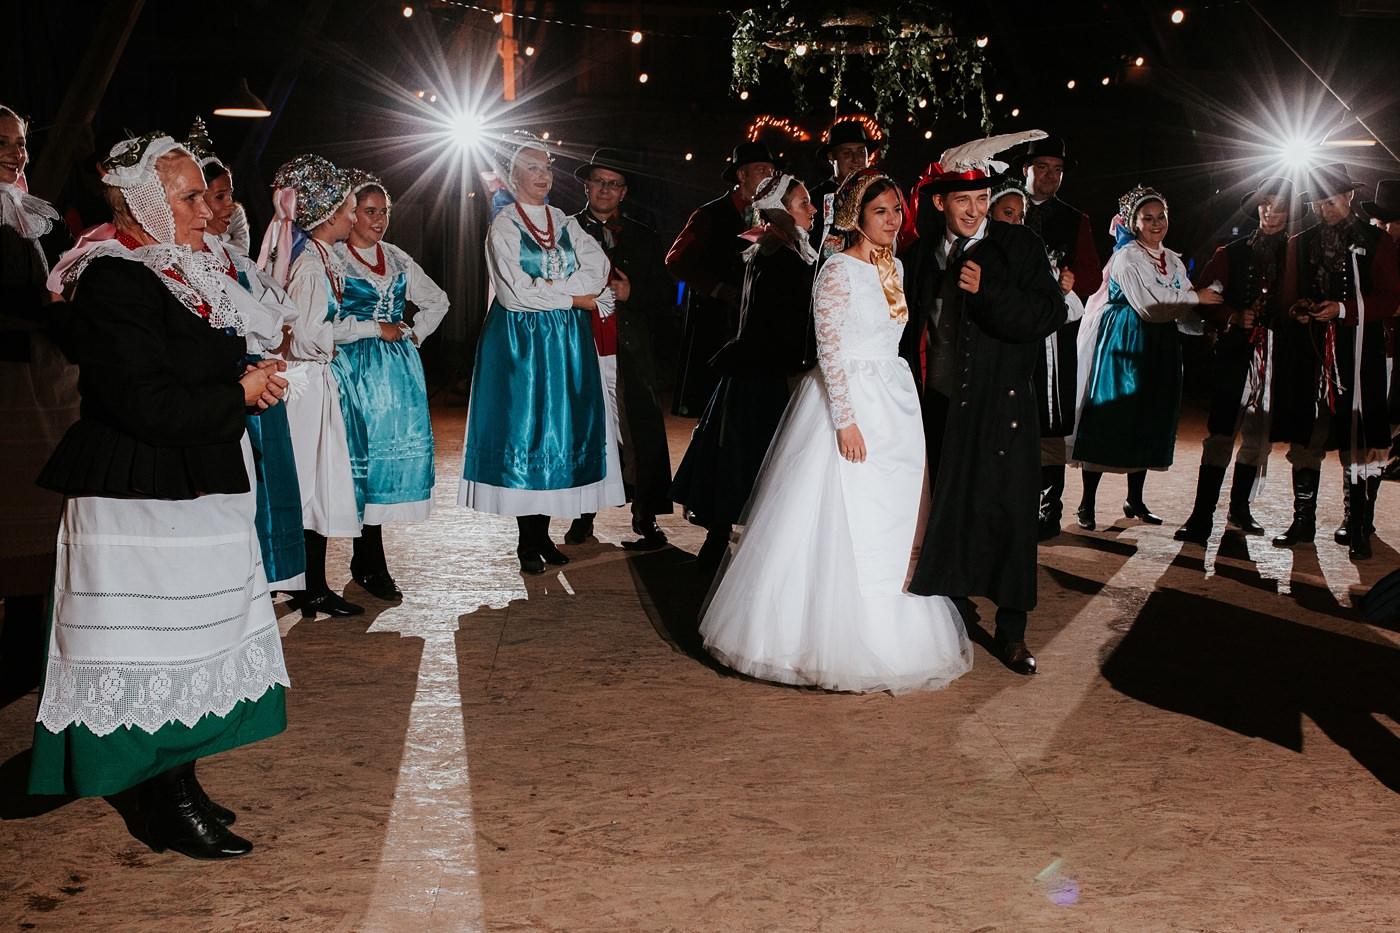 Dominika & Aleksander - Rustykalne wesele w stodole - Baborówko 142